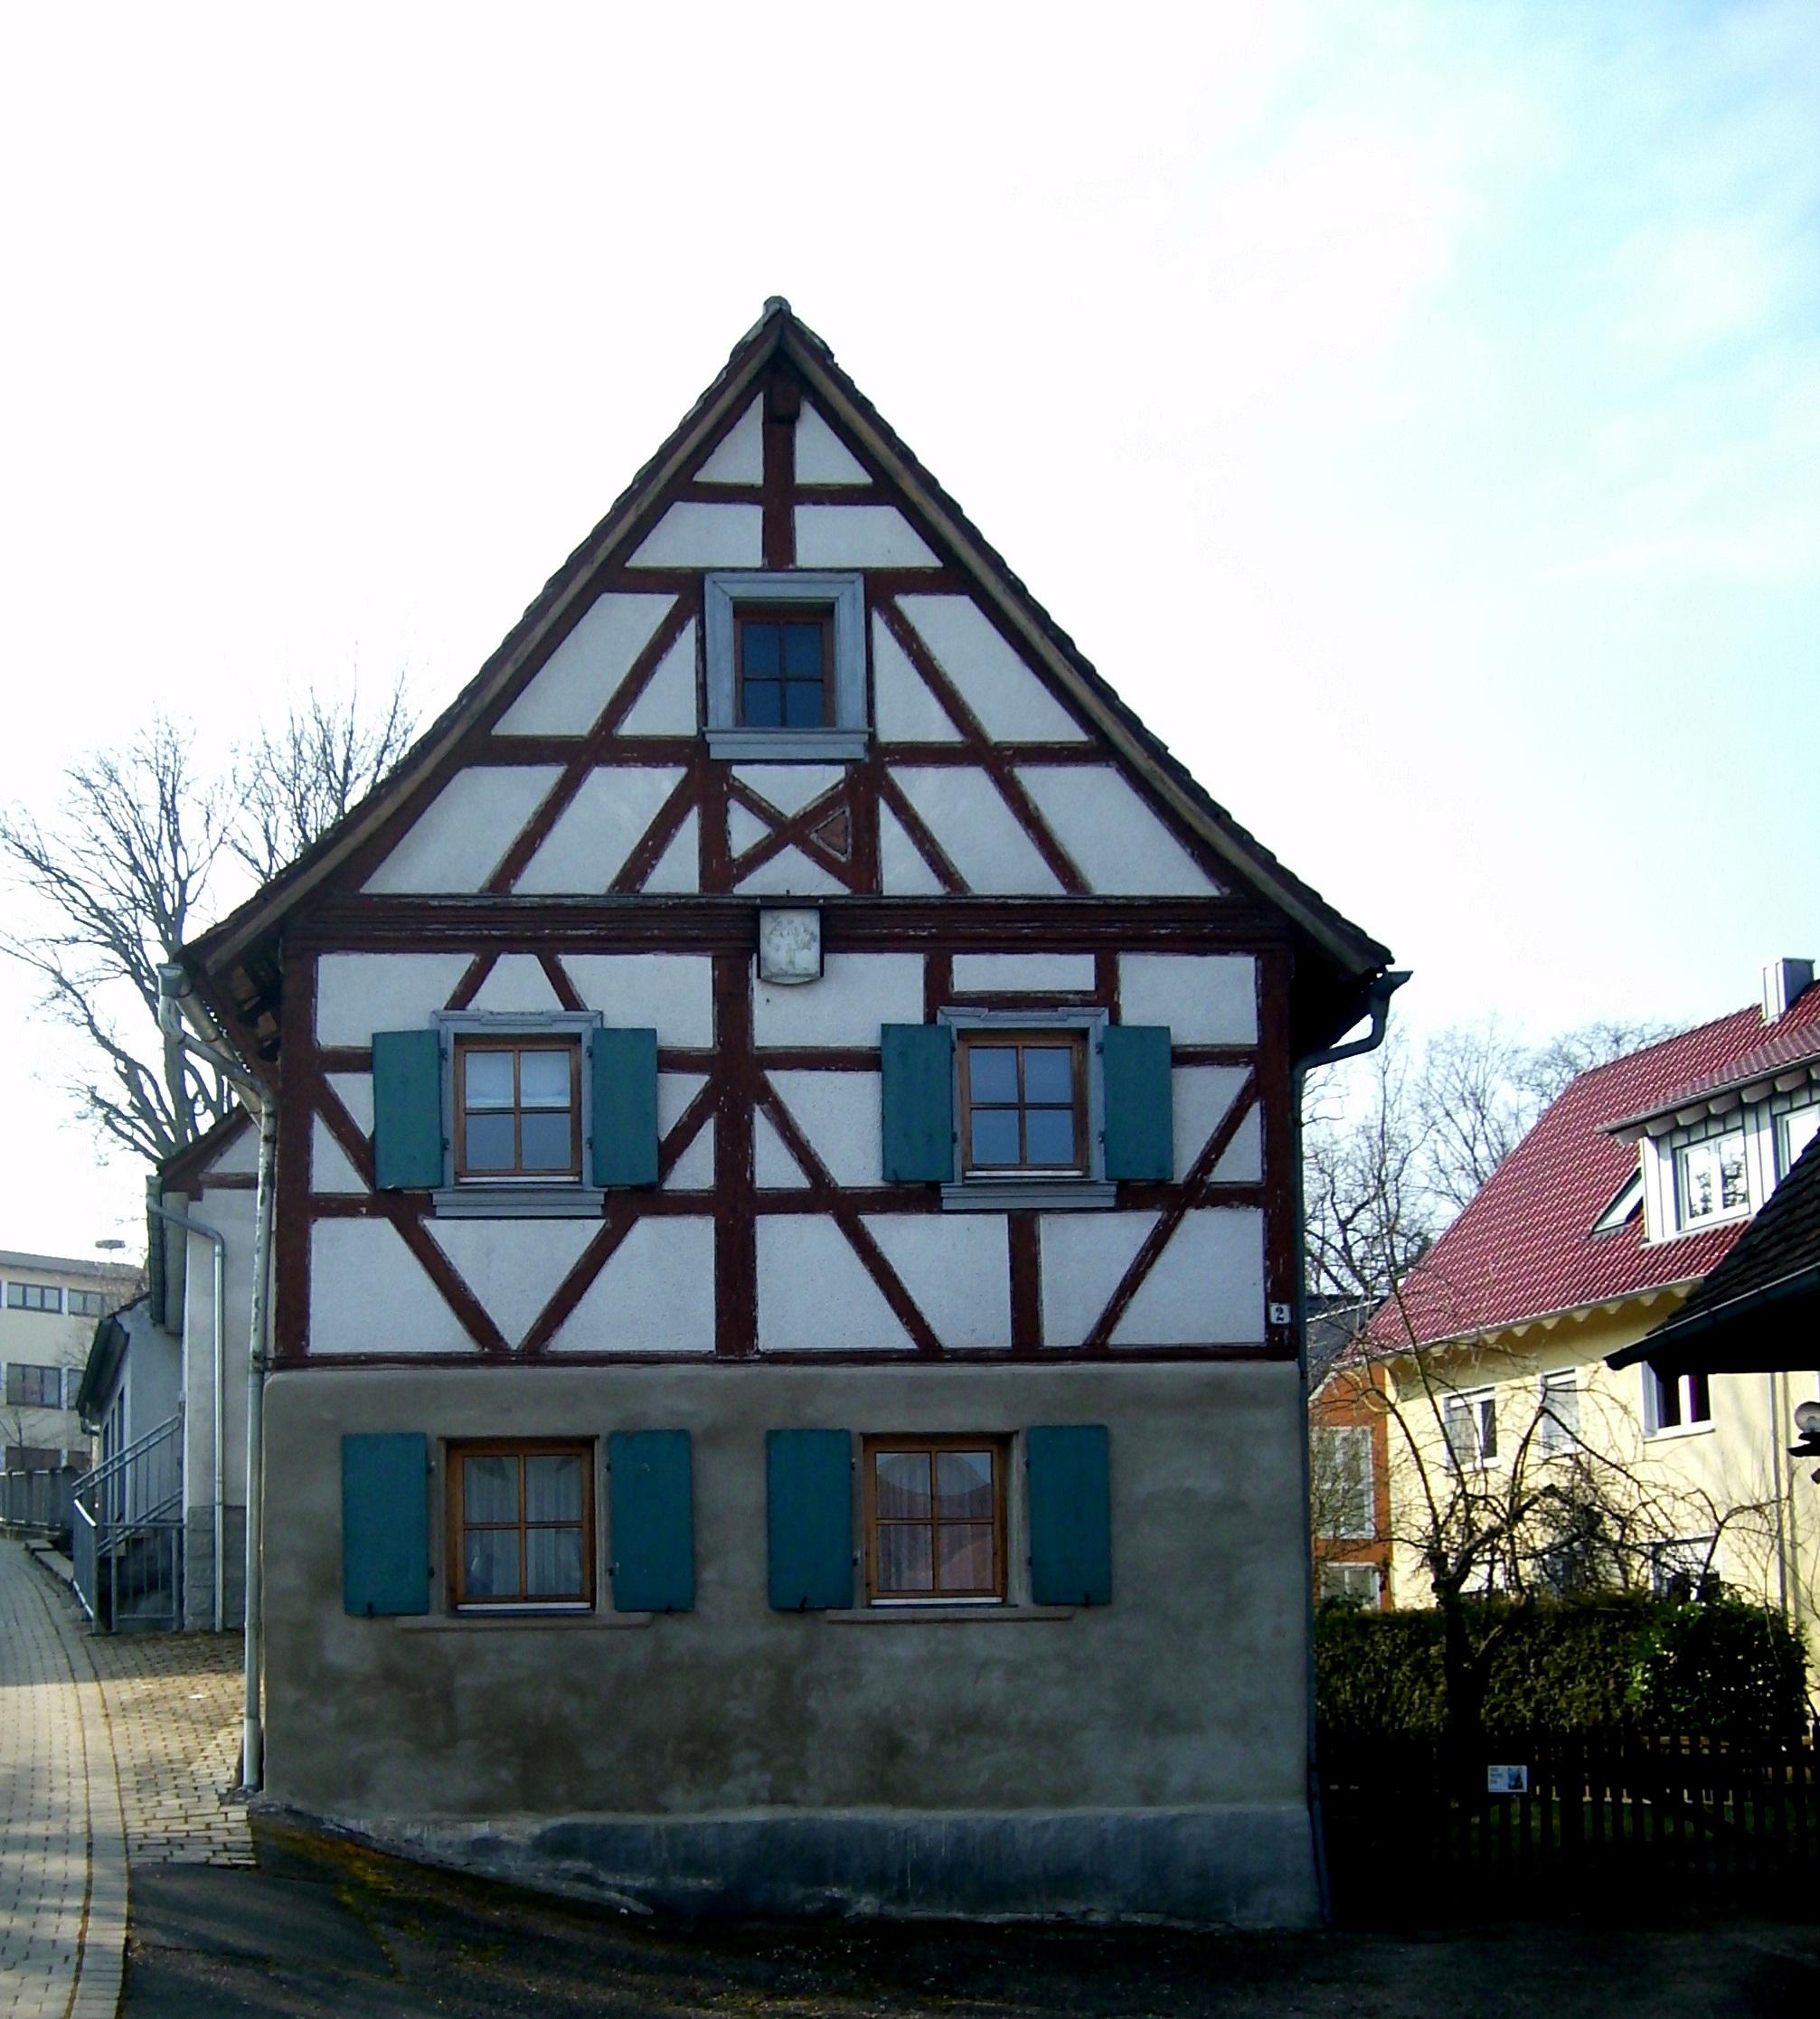 Fotos gratis : arquitectura, casa, ventana, techo, edificio, bar ...